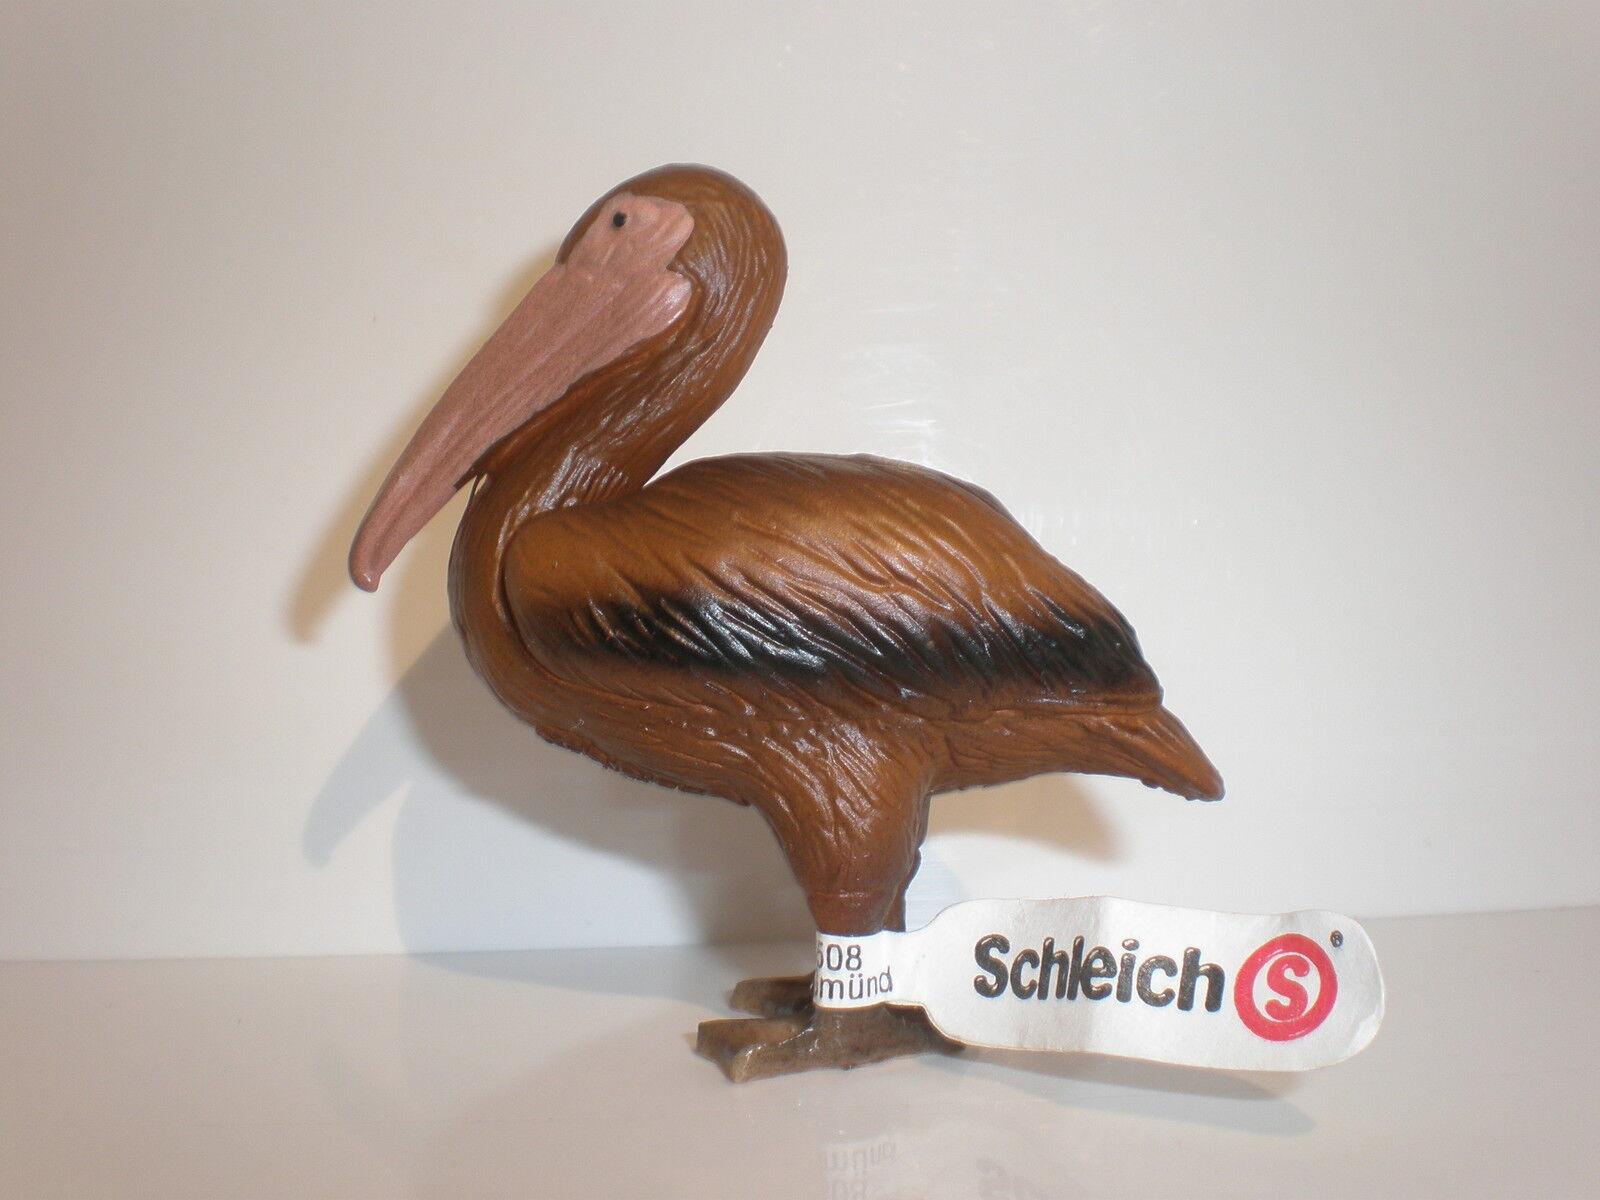 14173 Schleich  marrón Pelican   with tag  ref 18P2